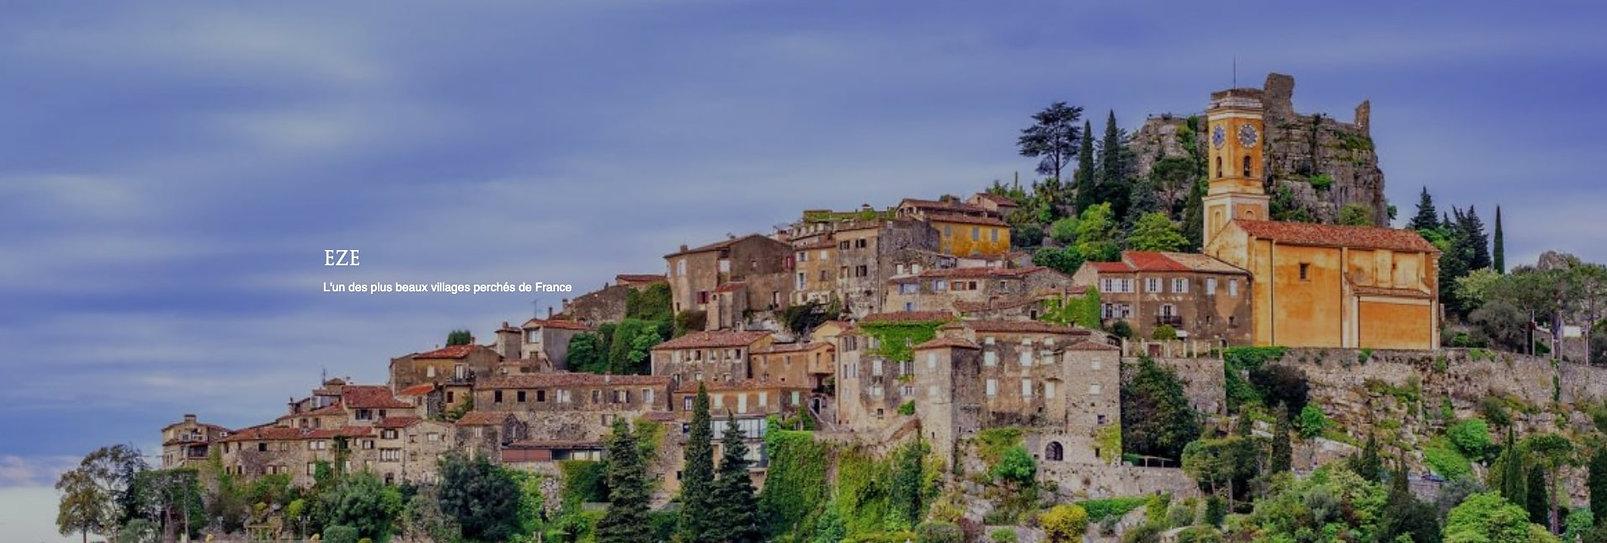 Eze village.jpg